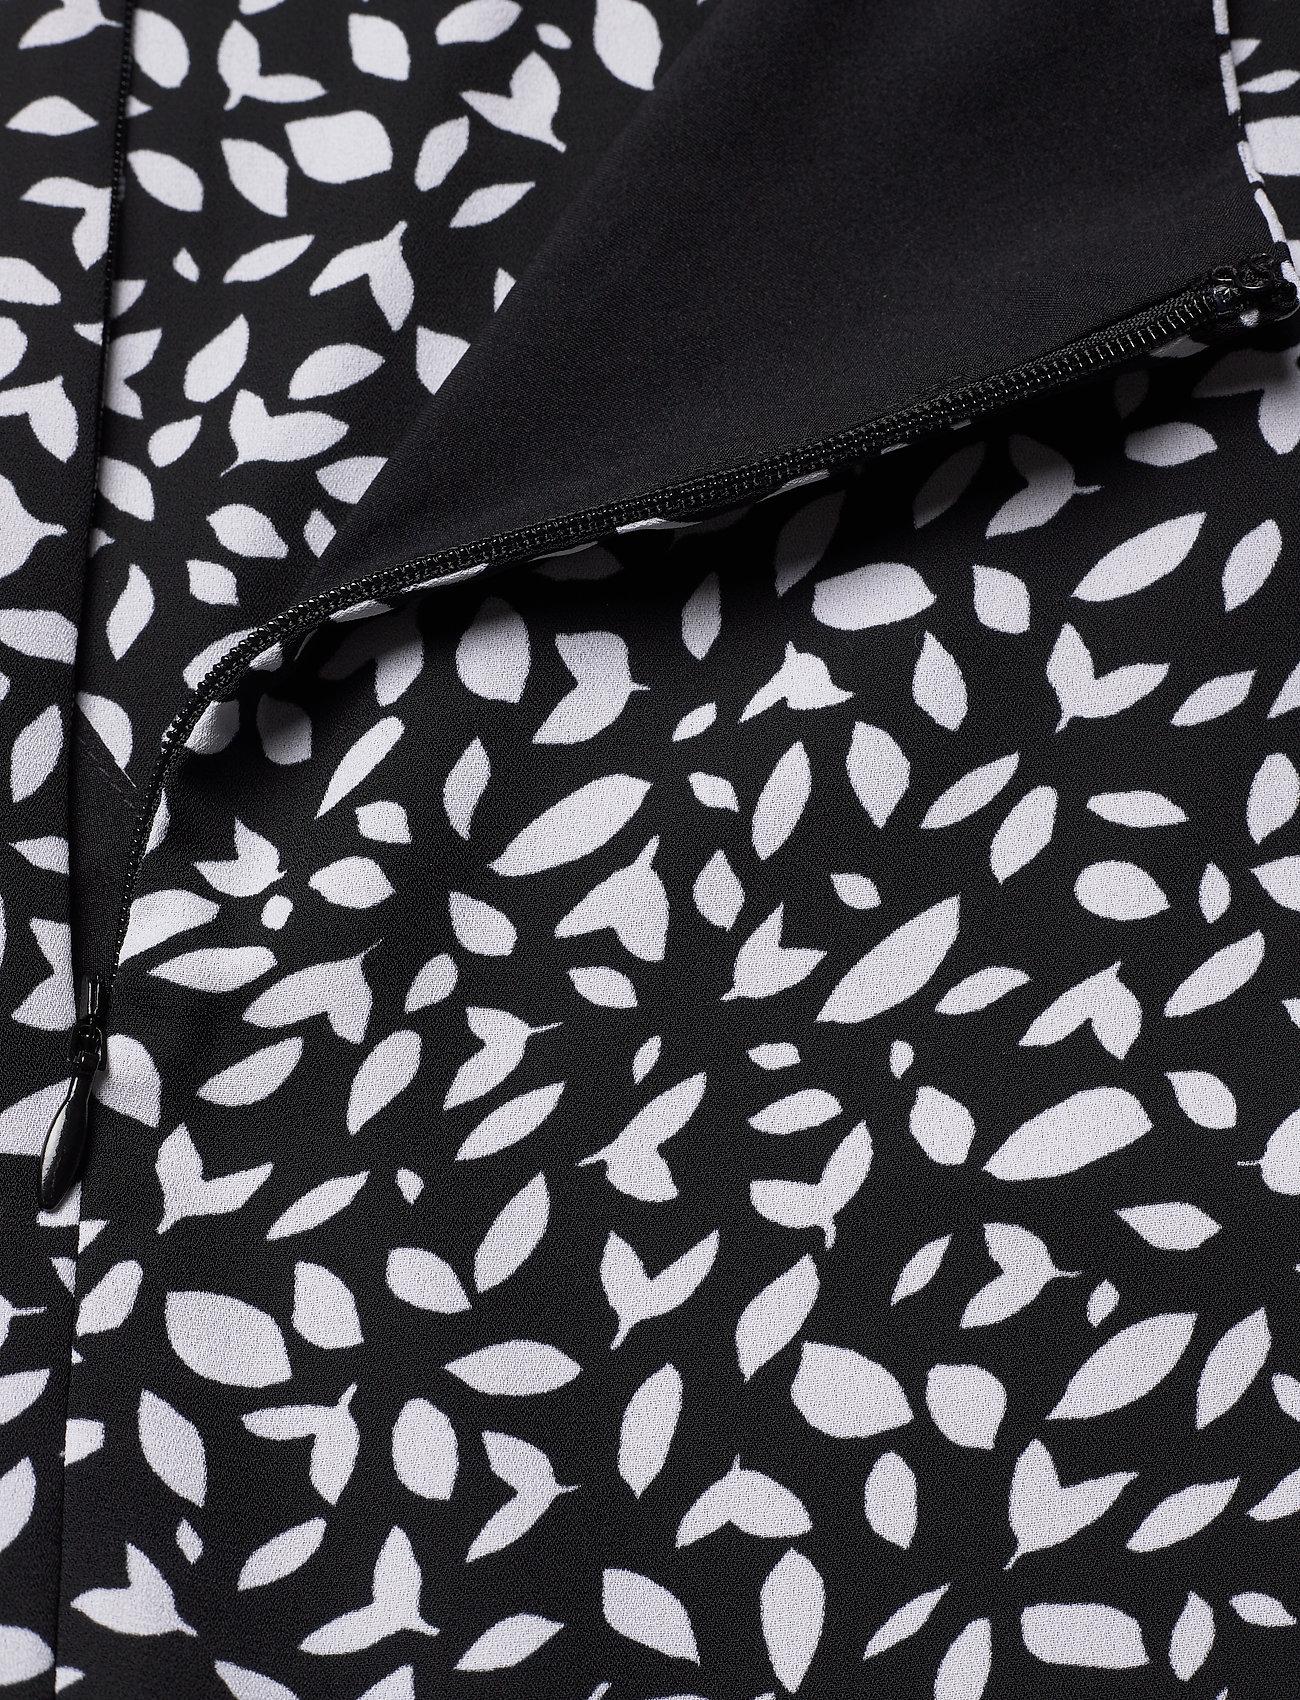 Banana Republic I RUFFLED MINI SWING DRESS - Sukienki BLACK DOT GLOBAL - Kobiety Odzież.